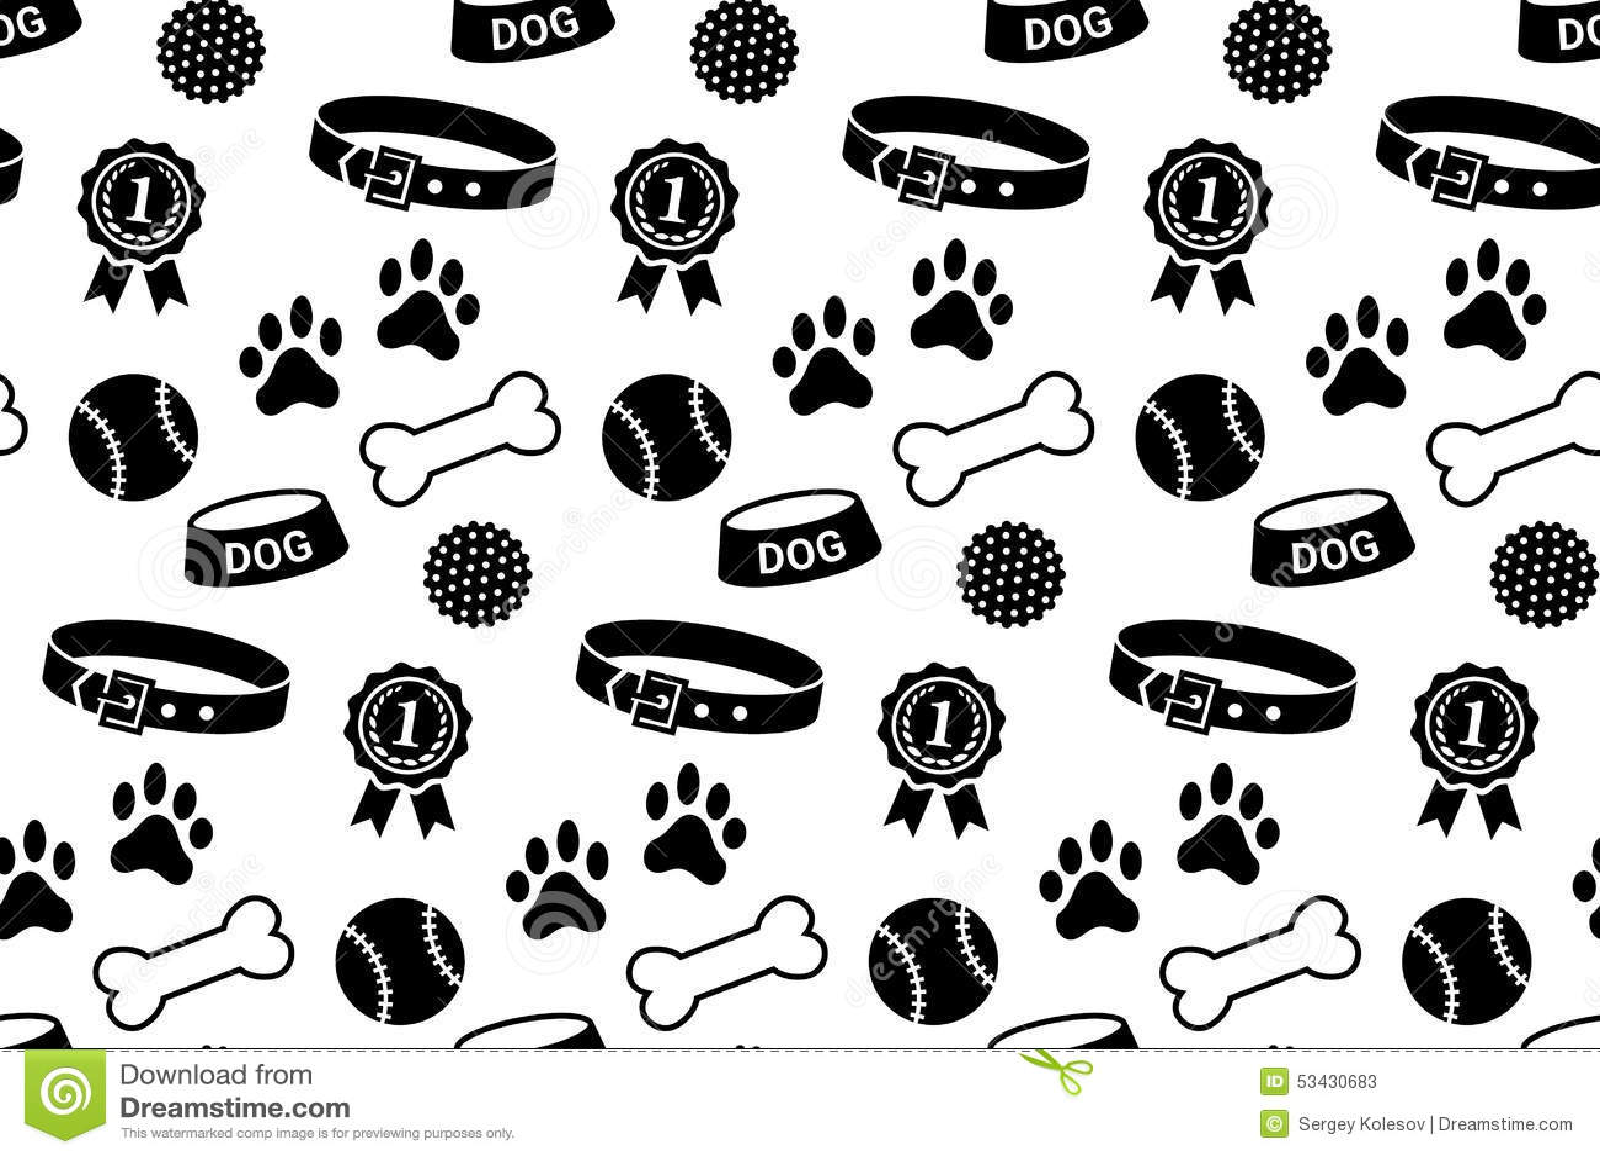 Dog Safety Harness Pattern